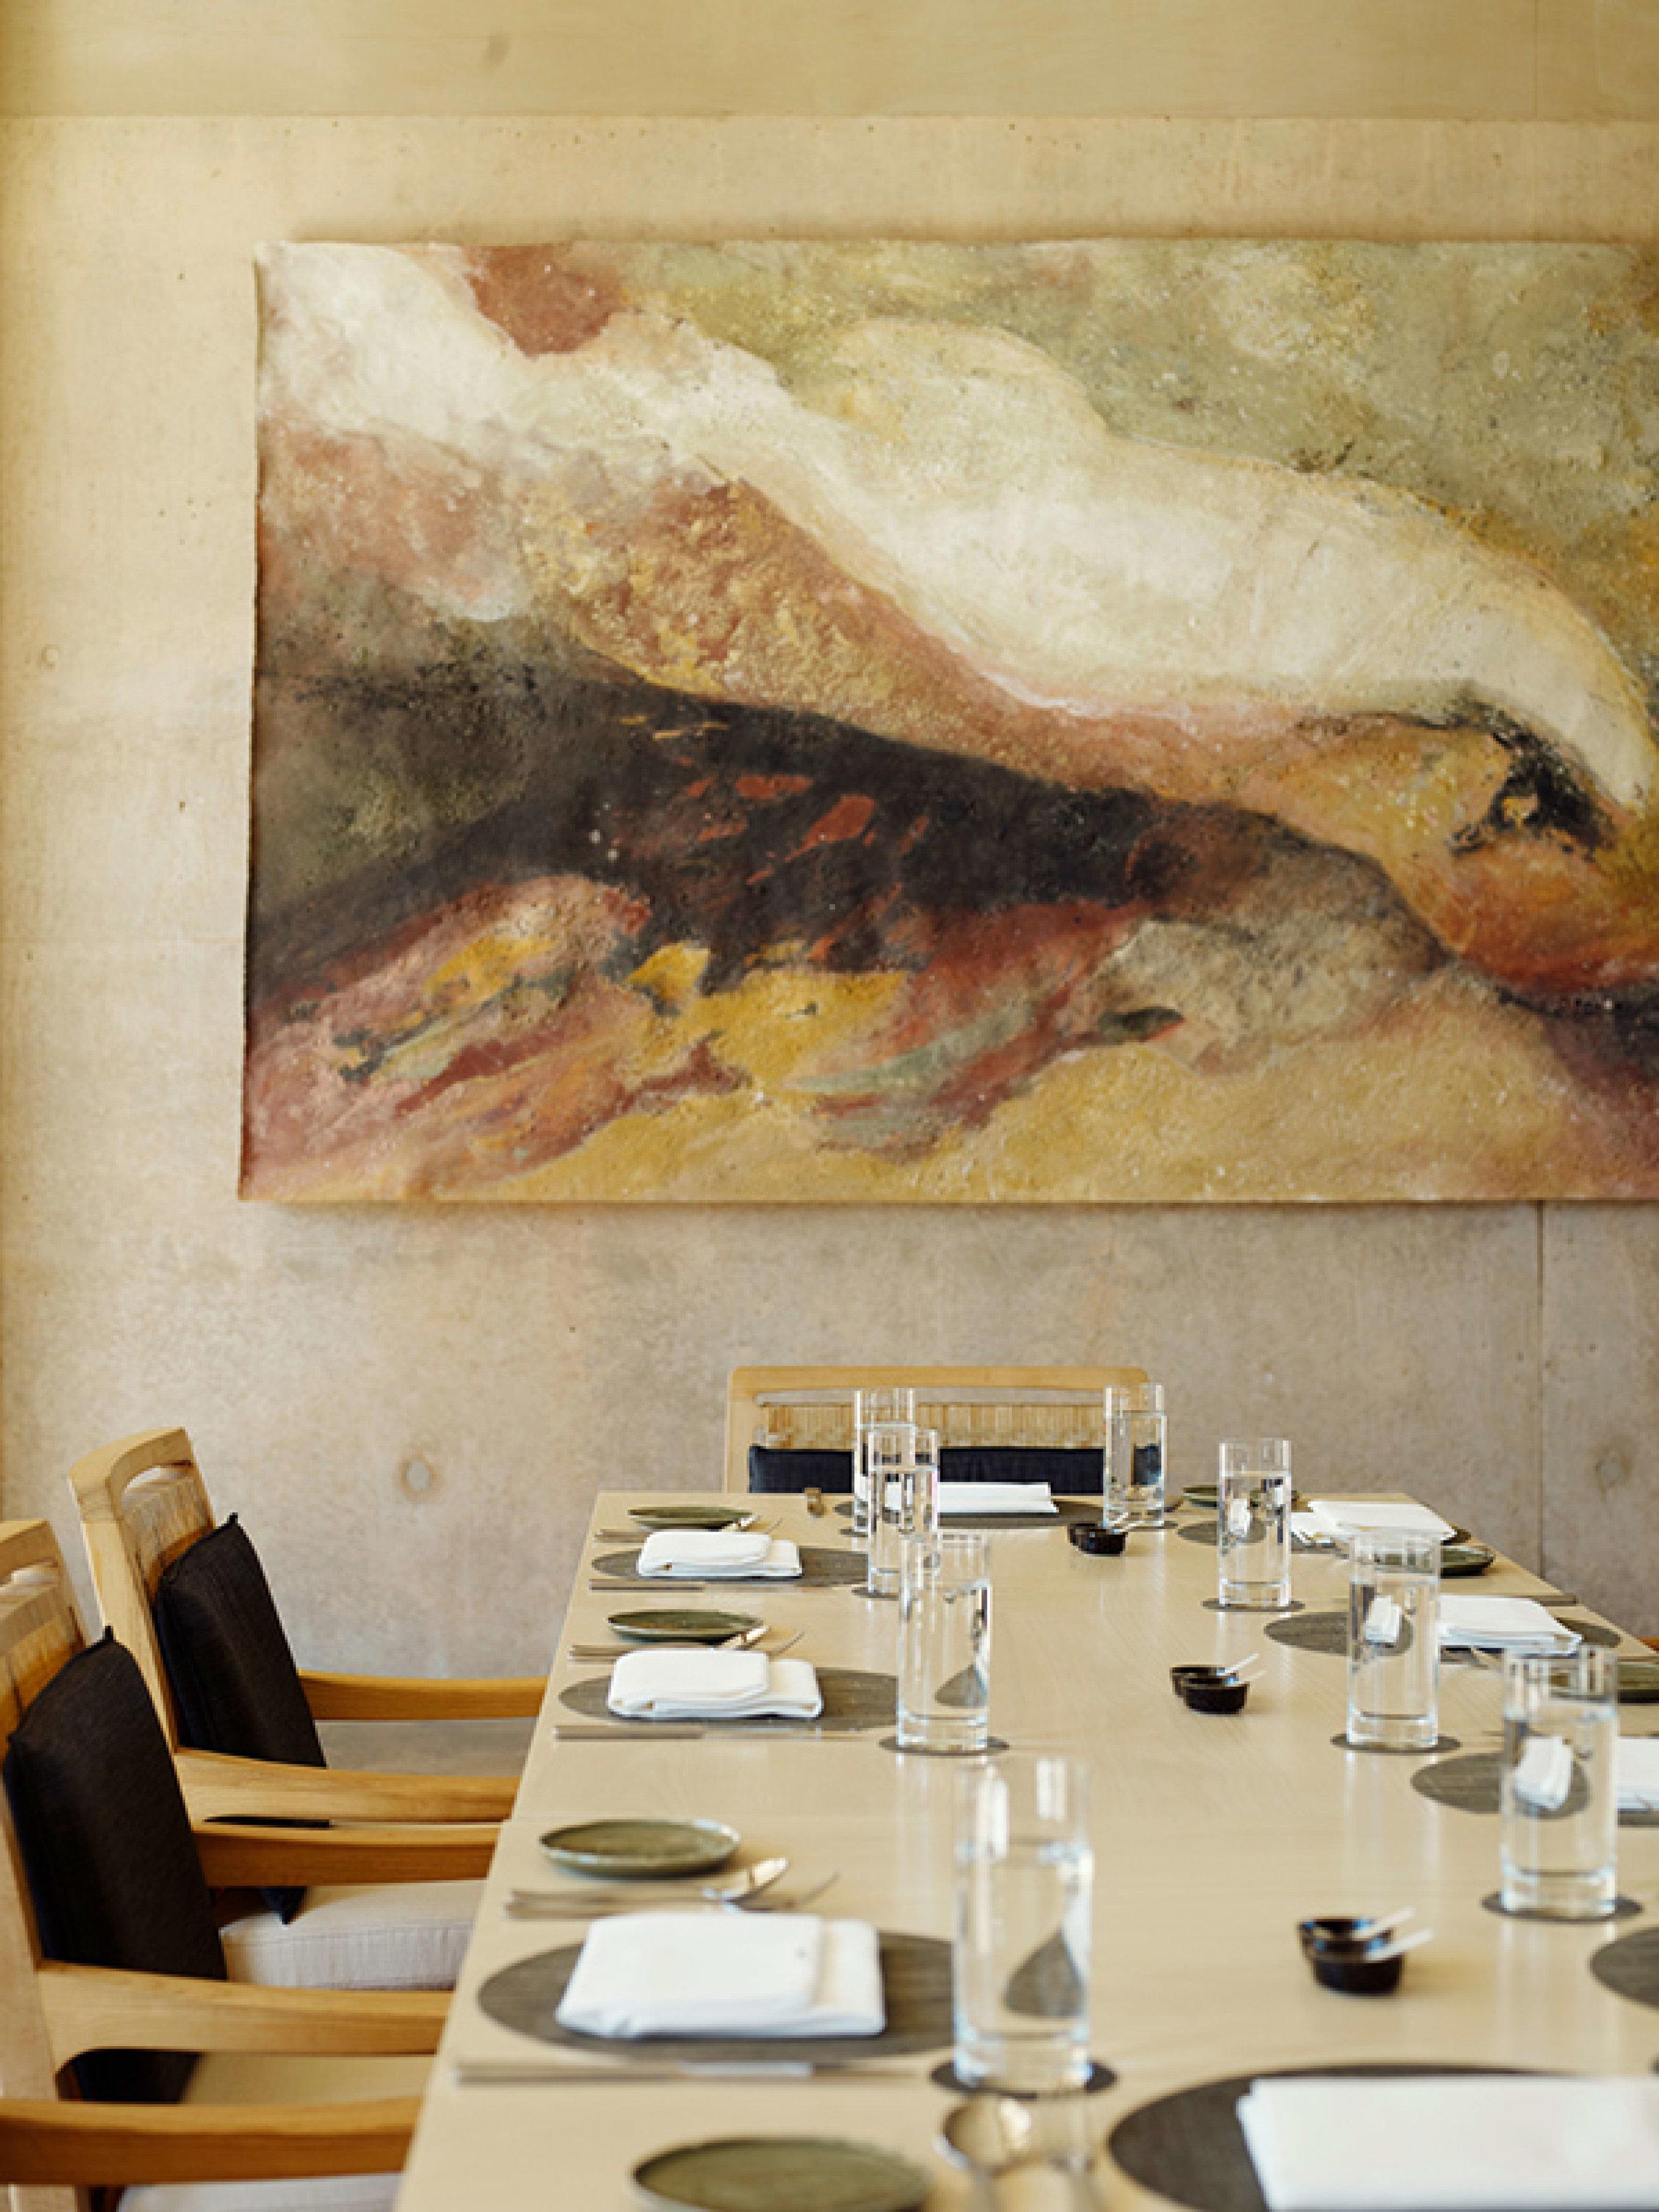 restaurant_details_office_2495.jpg